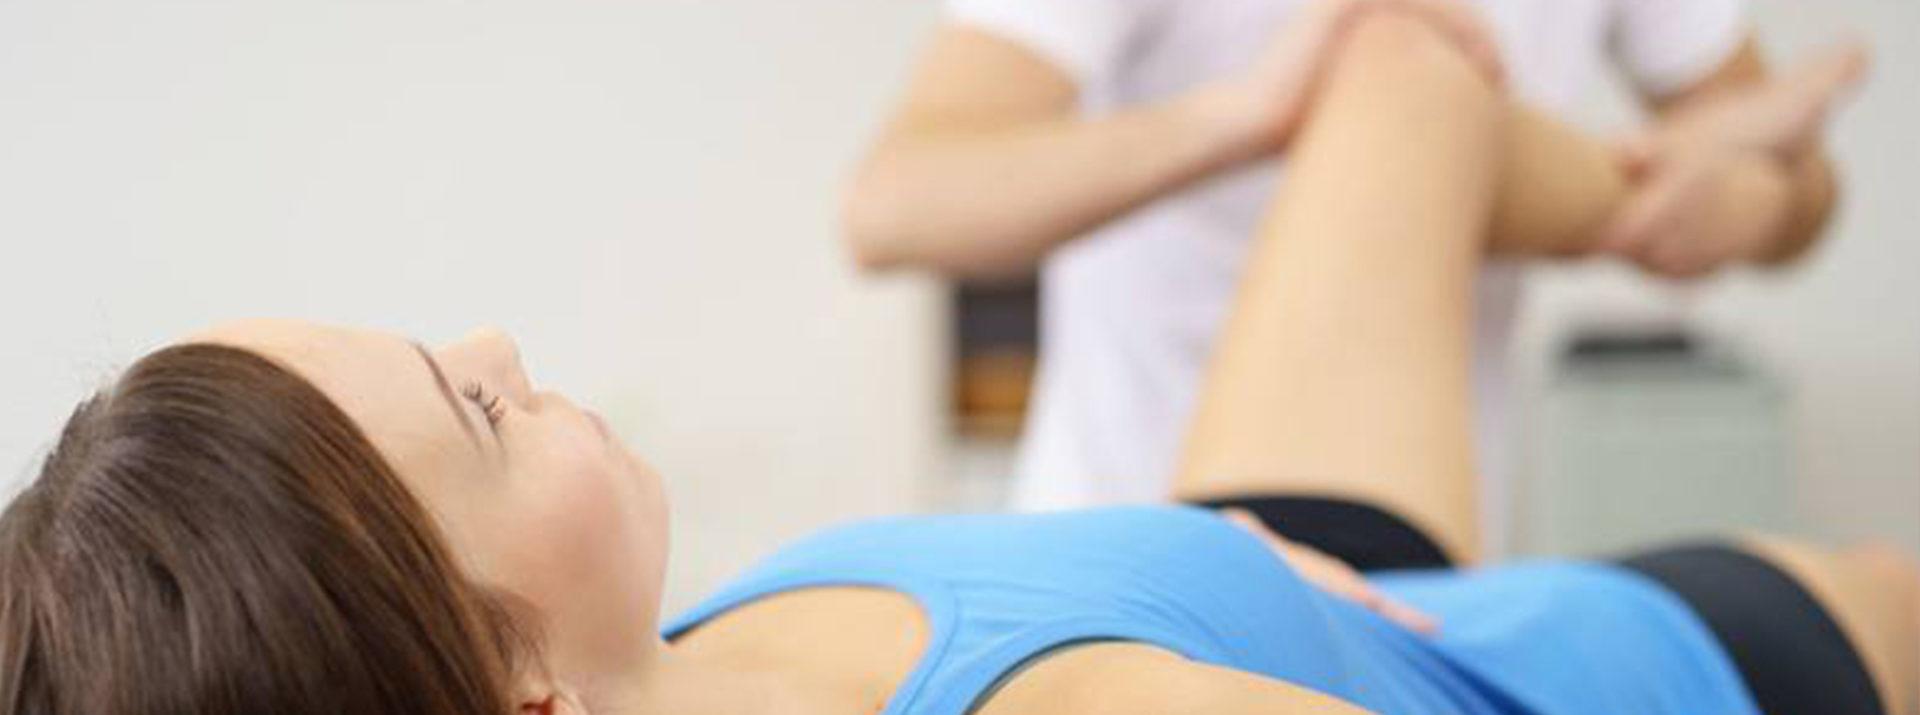 Fisioterapisti con lunga esperienza in continuo aggiornamento